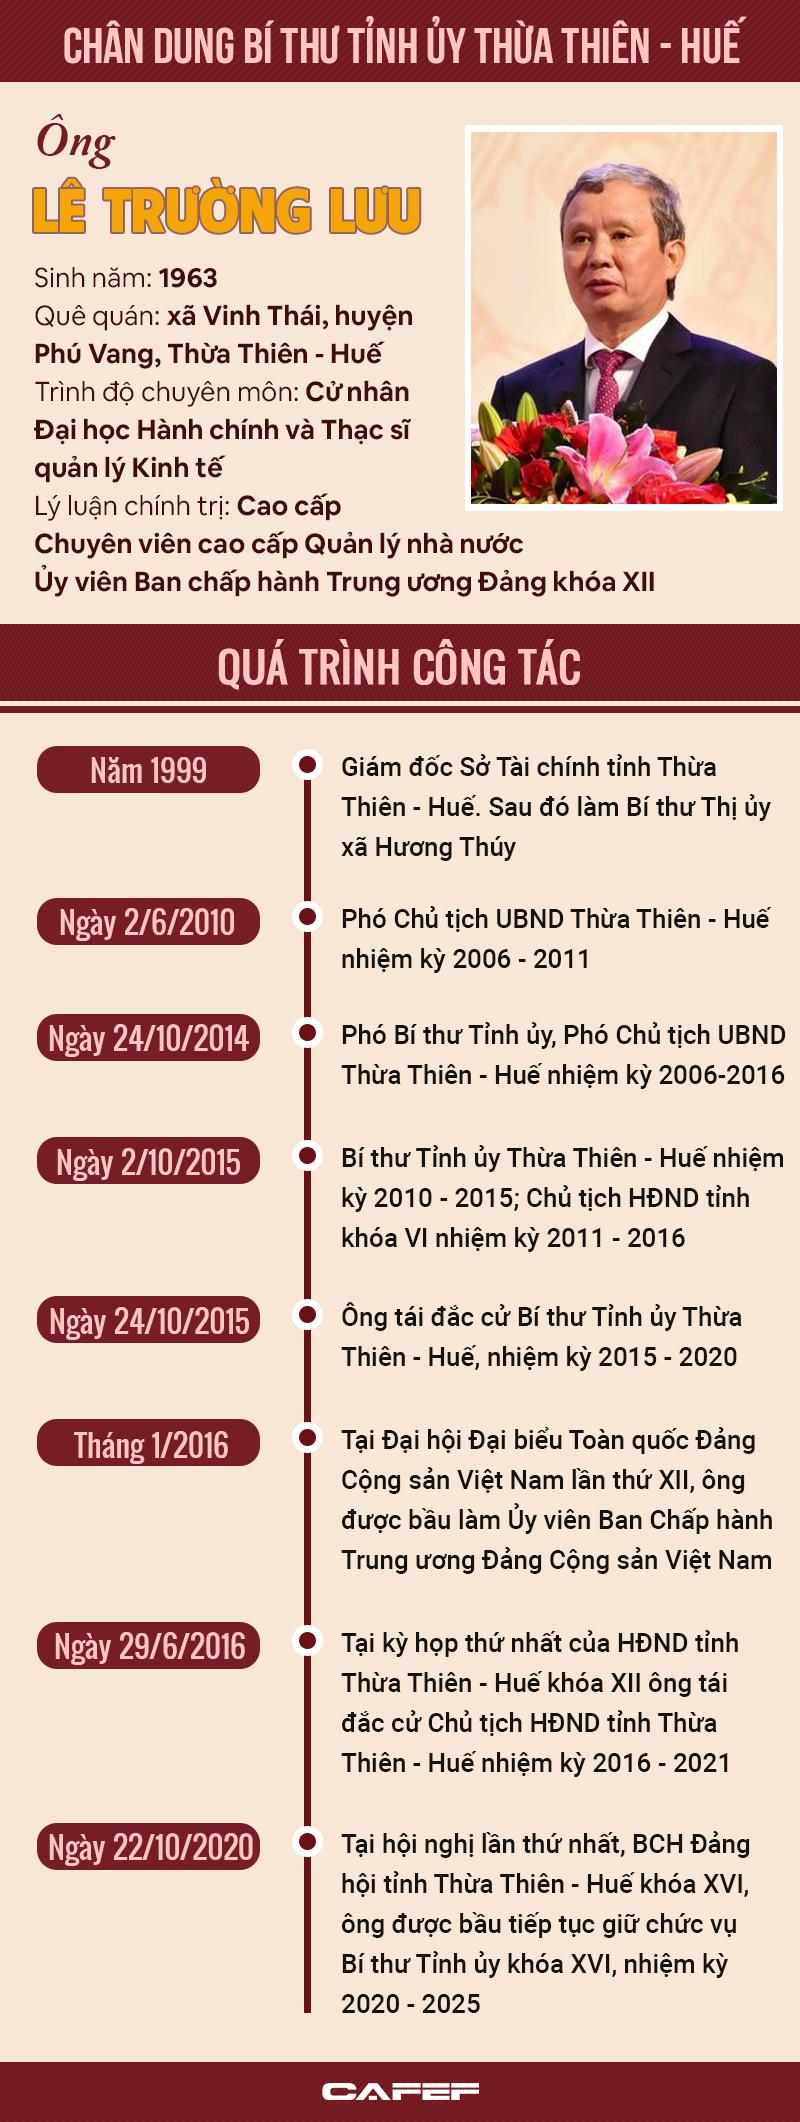 Infographic: Chân dung Bí thư Tỉnh ủy Thừa Thiên Huế Lê Trường Lưu - Ảnh 1.